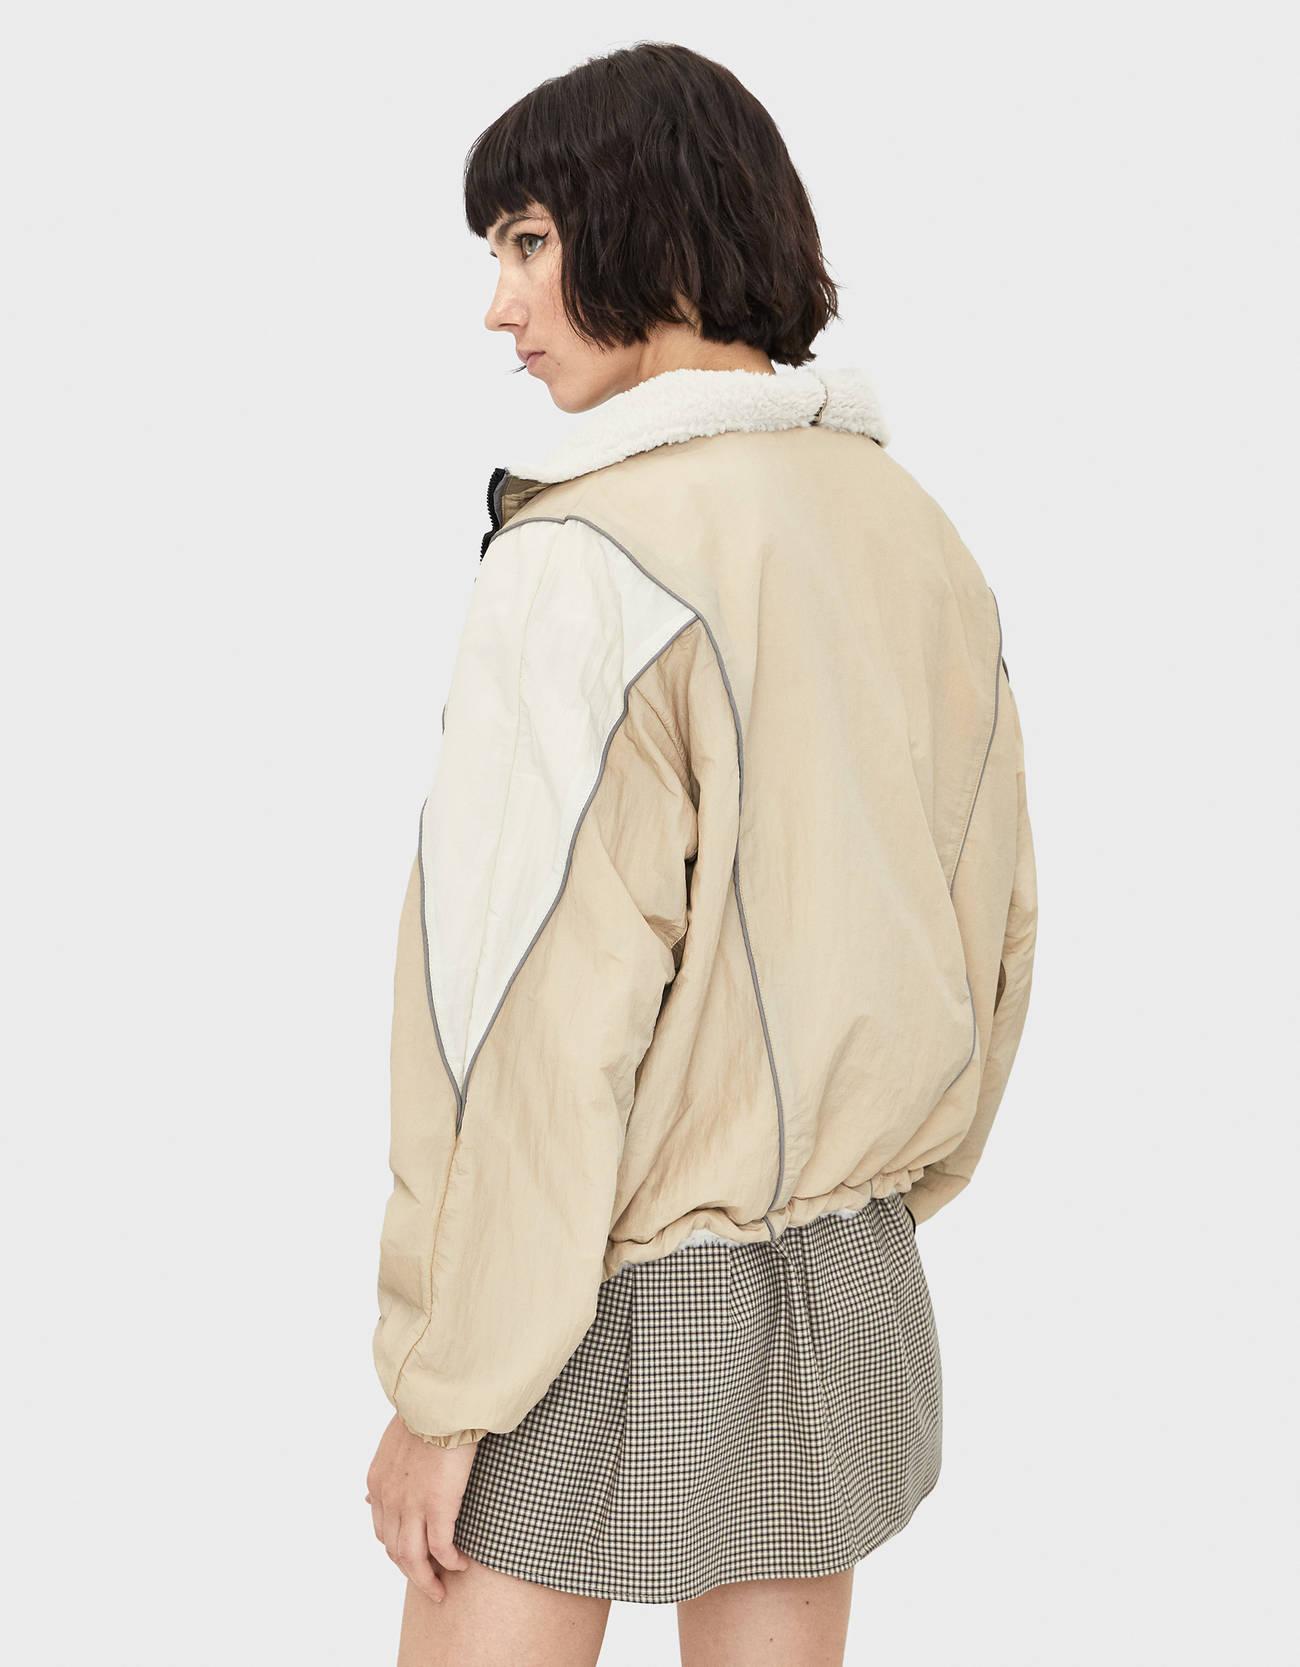 Двусторонняя куртка с отделкой из искусственной овчины Бежевый Bershka